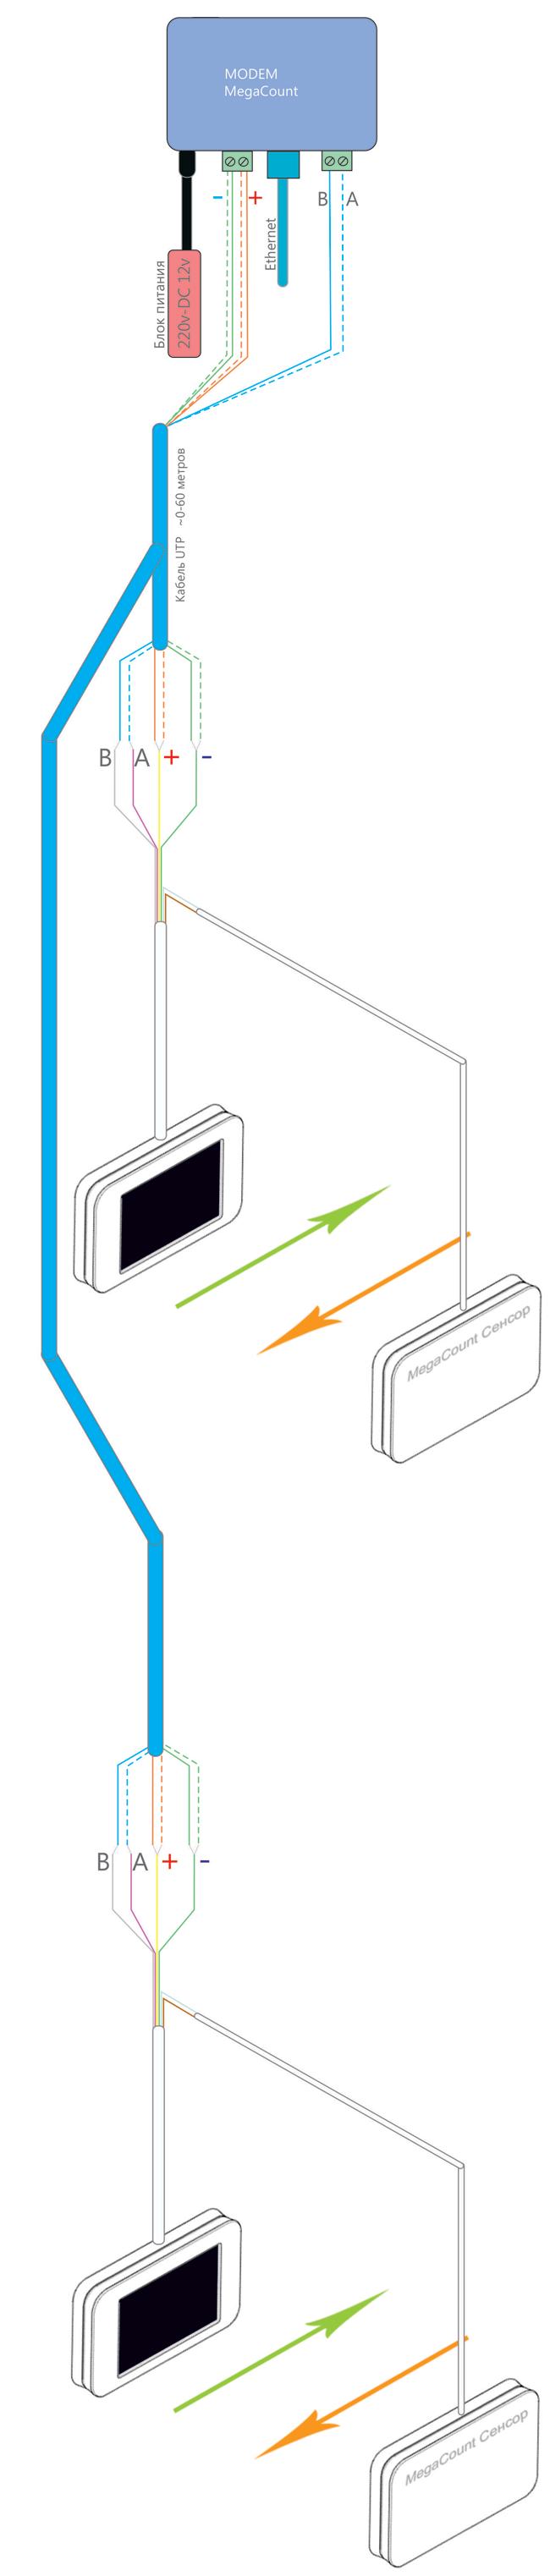 Подключение нескольких счетчиков к Ethernet модему